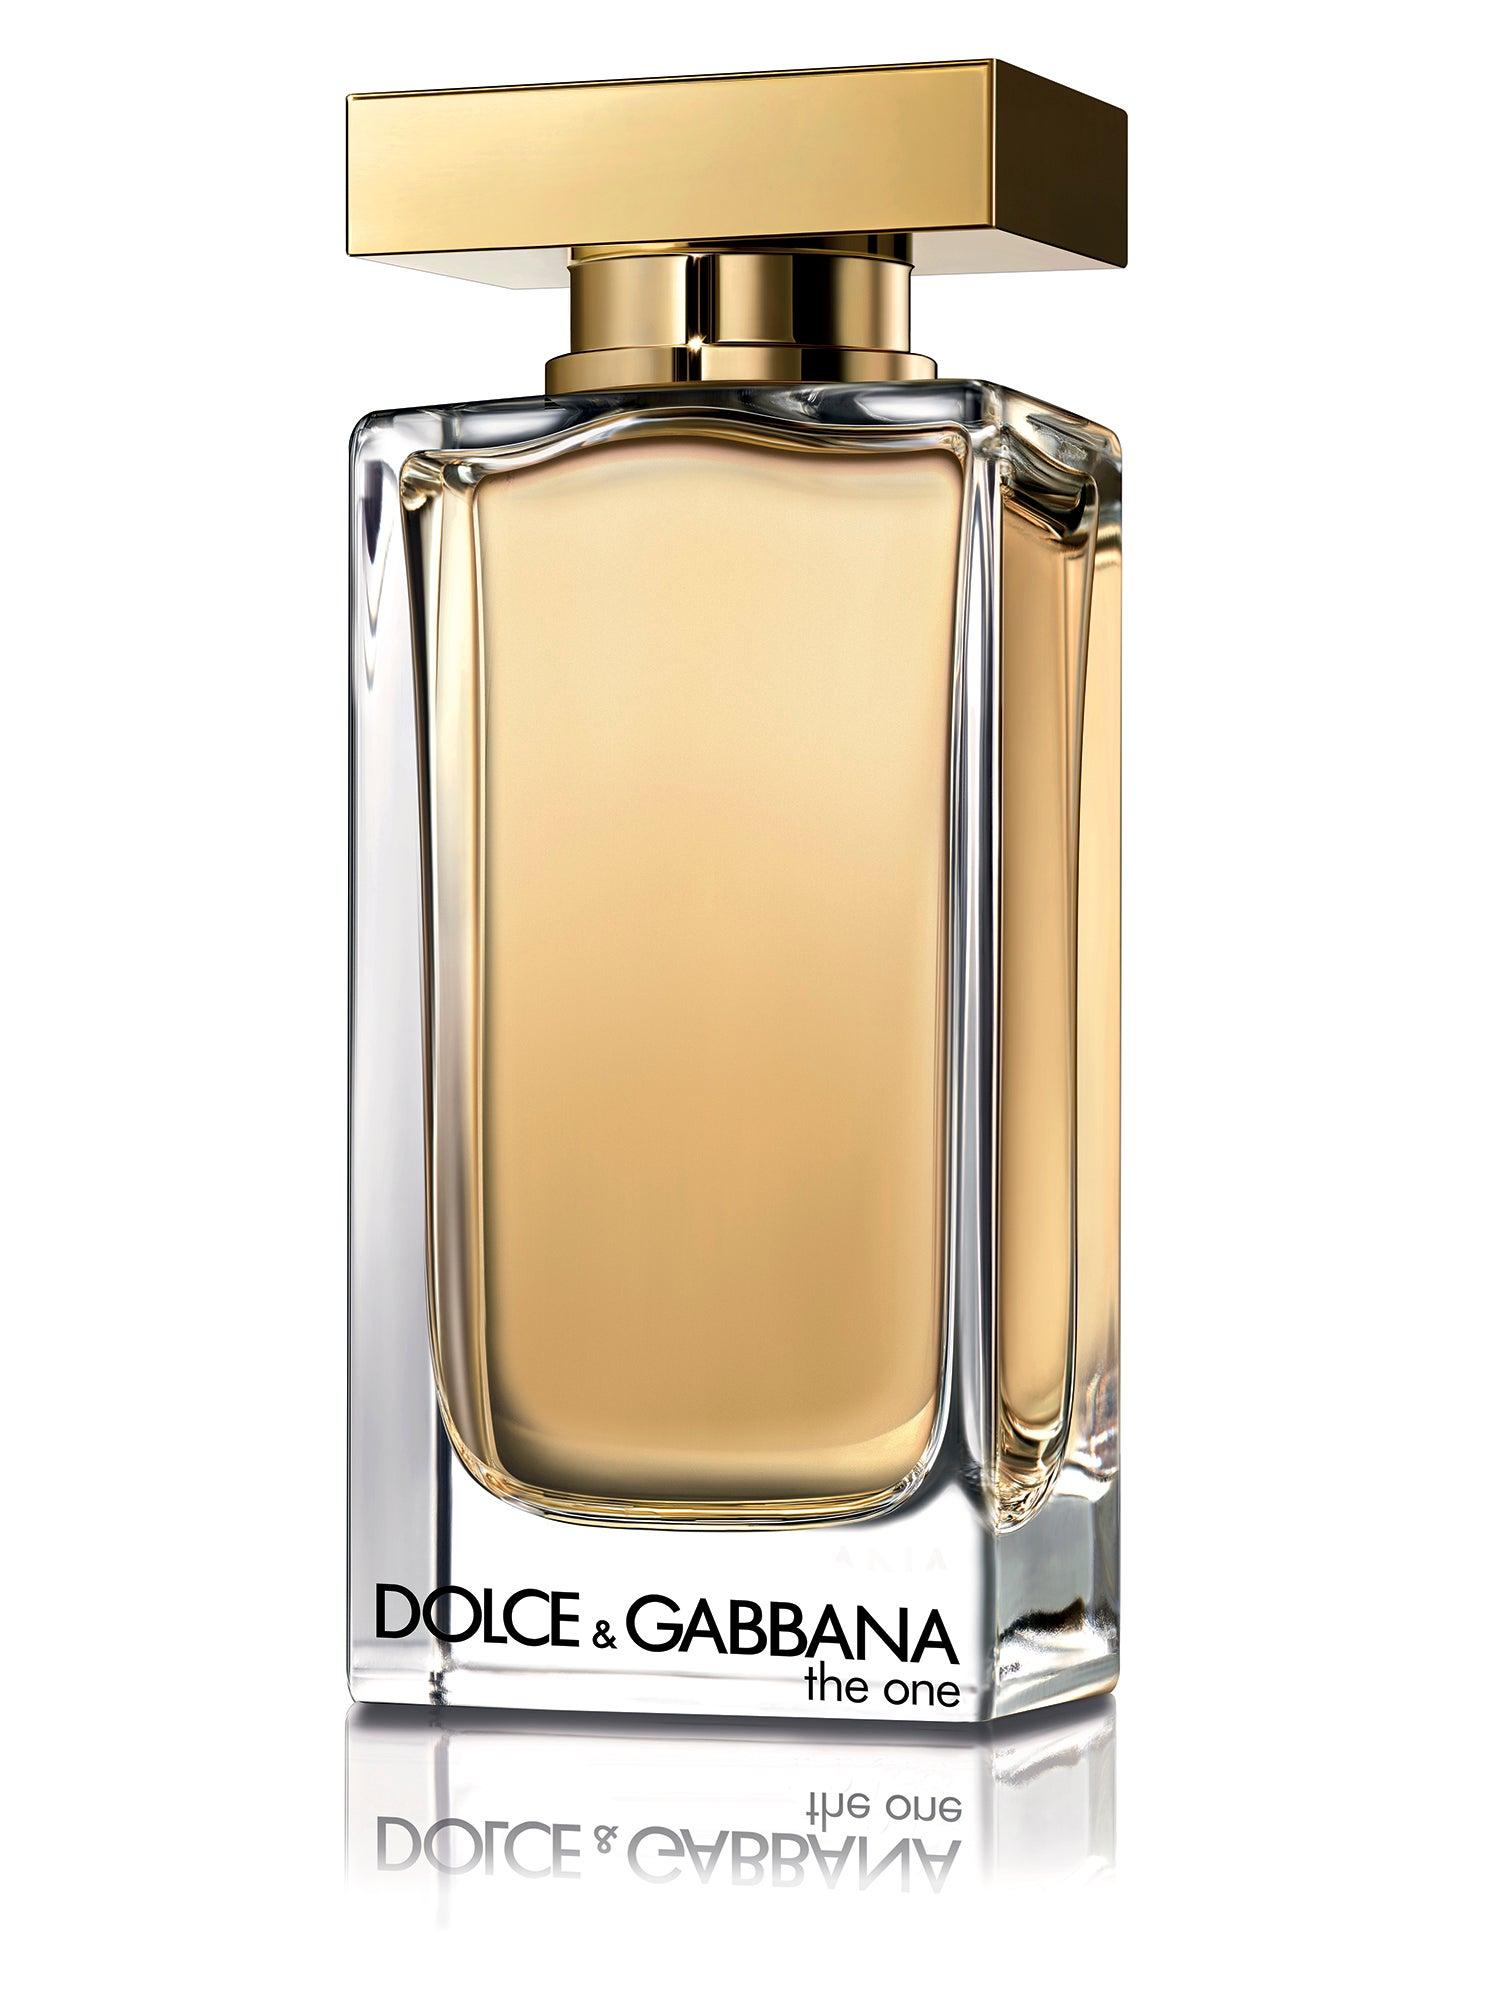 The Executive Selection Dolce Gabbana